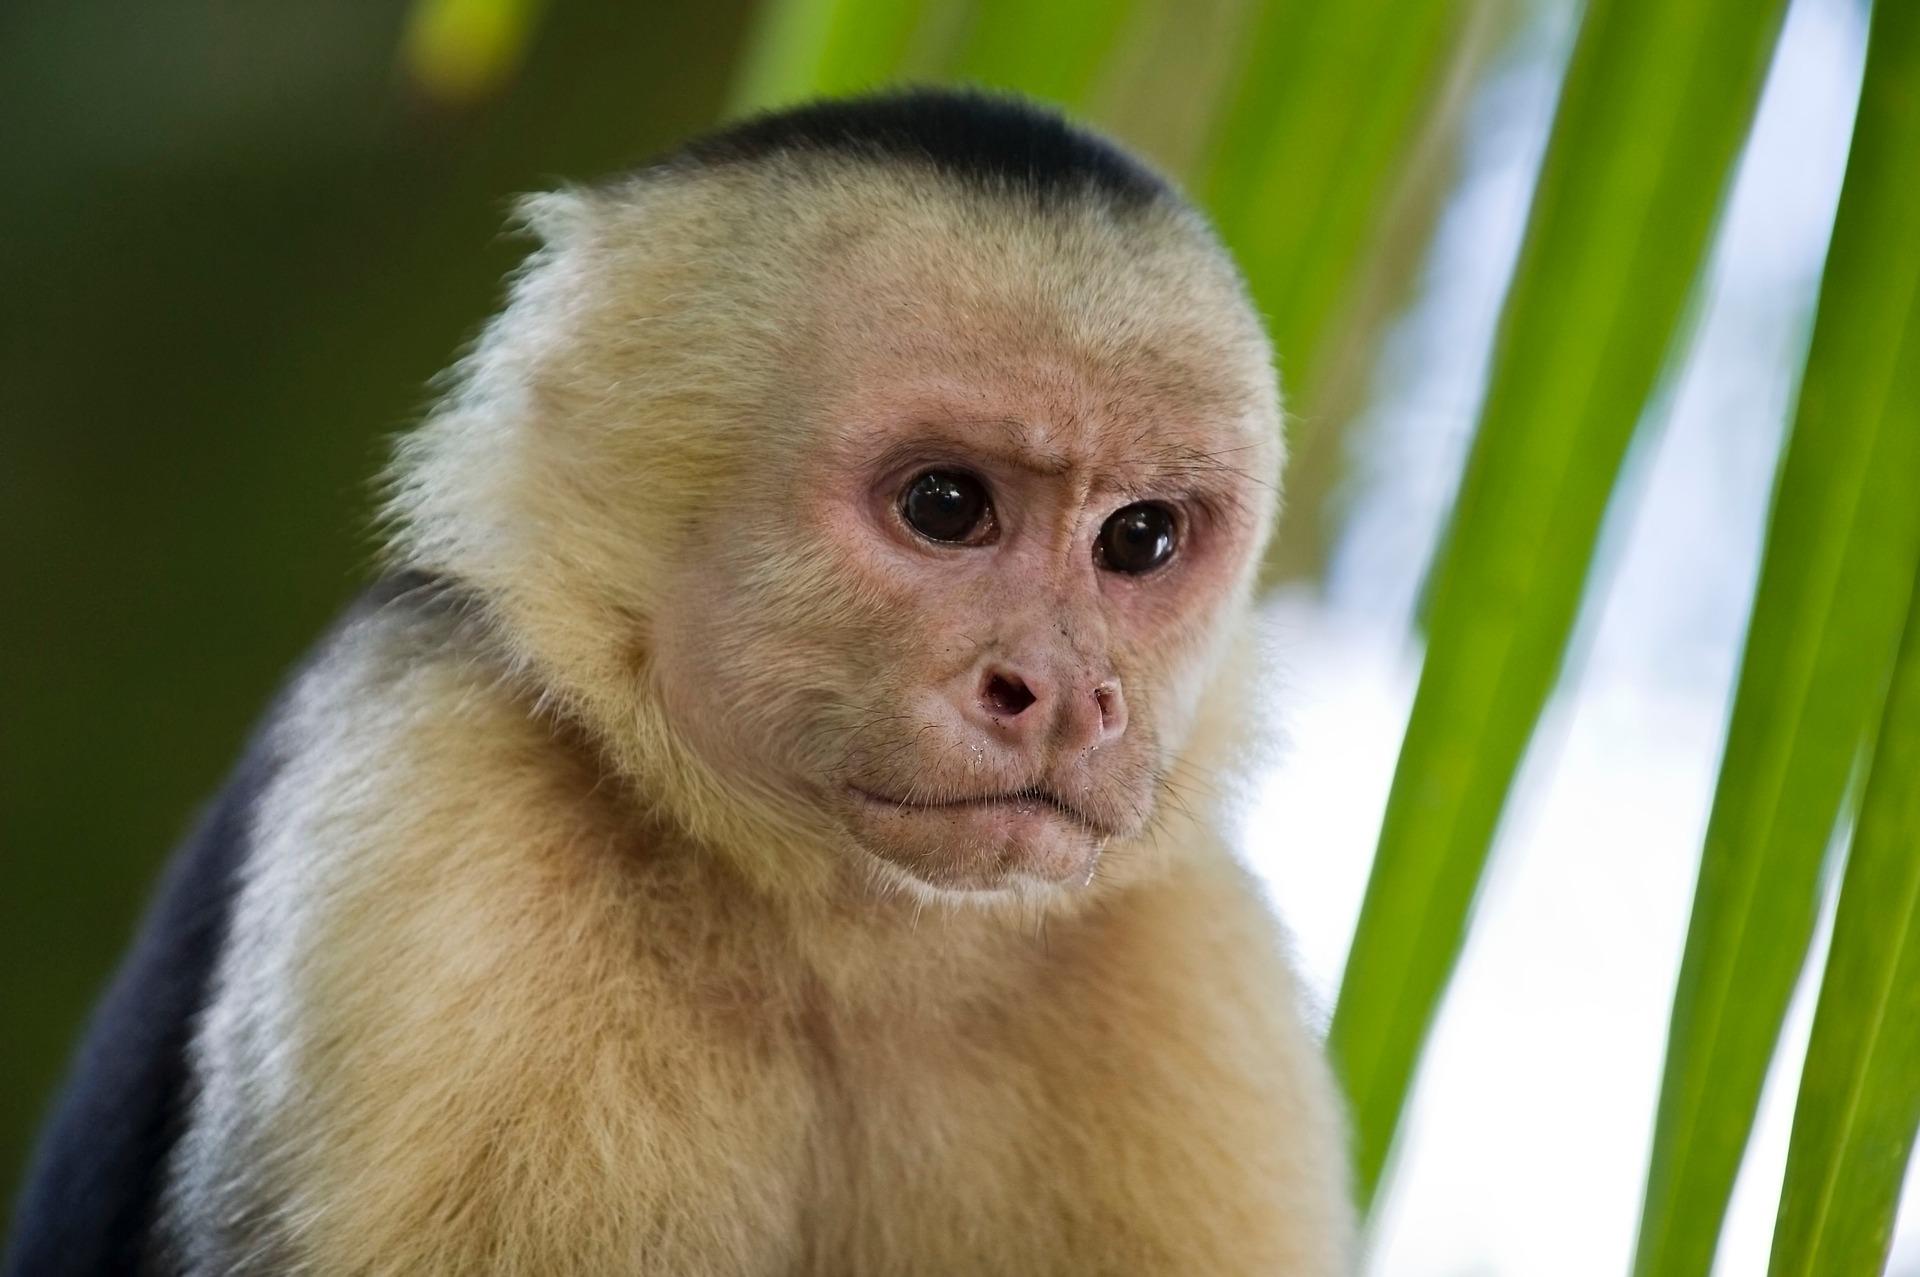 Guatemala wildlife - Capuchin monkey